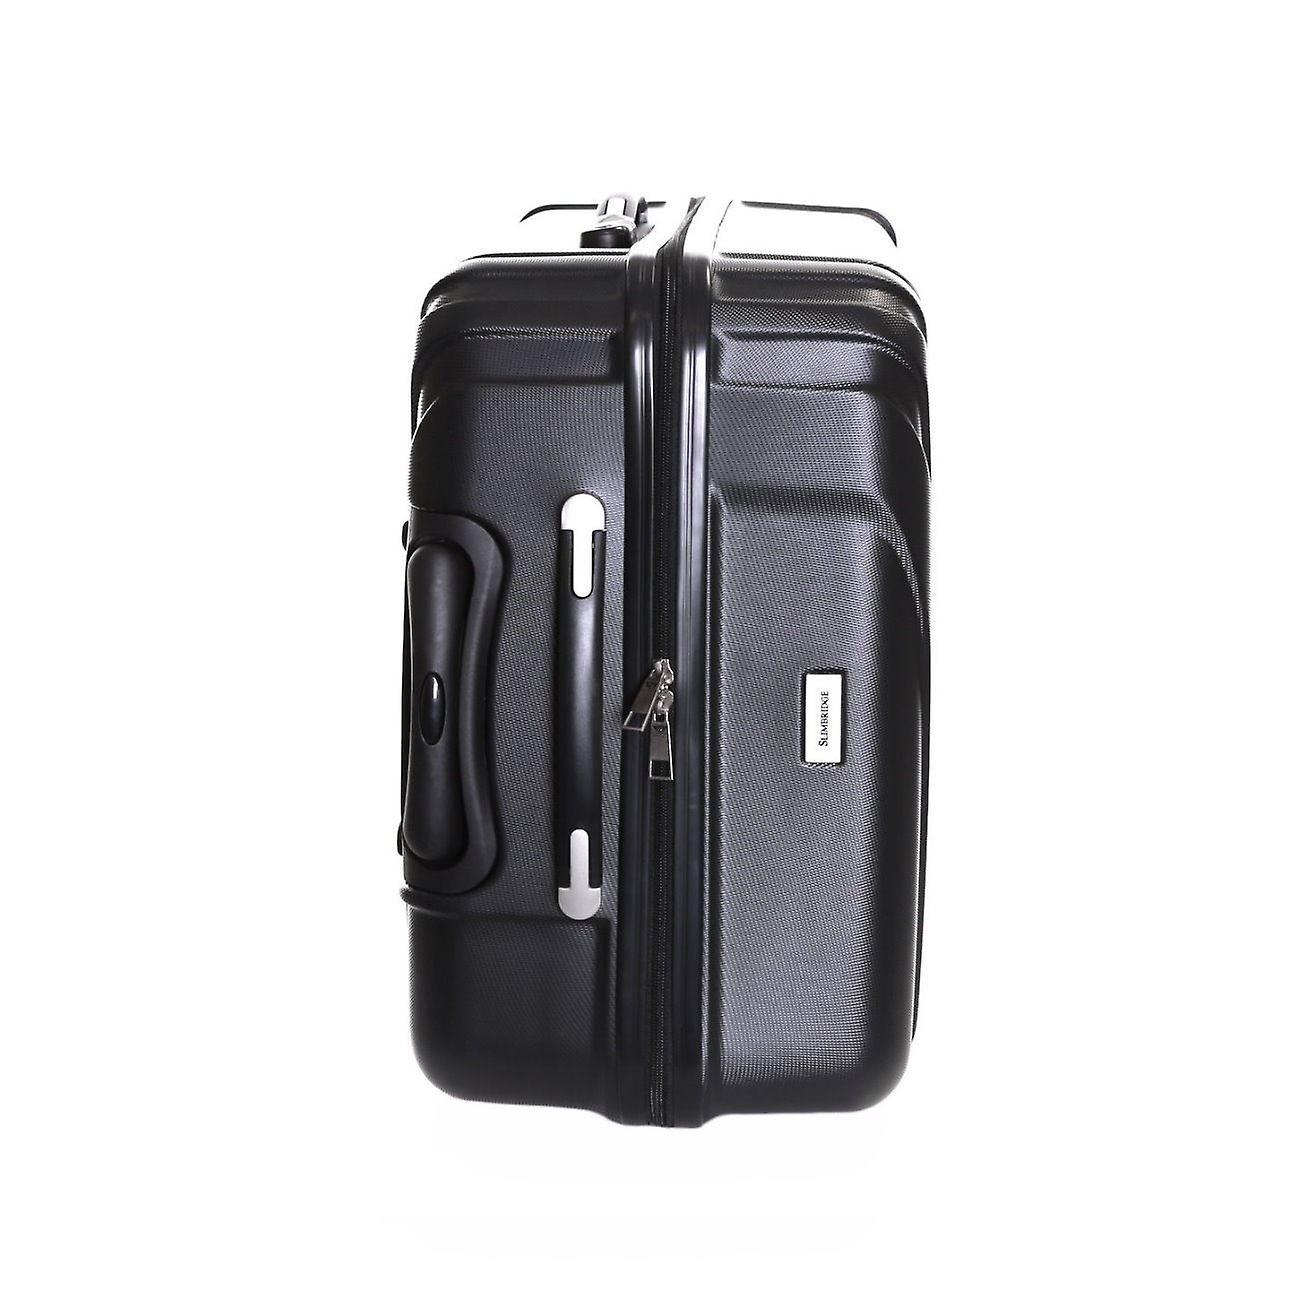 Slimbridge Fusion Cabin Hard Suitcase, Black